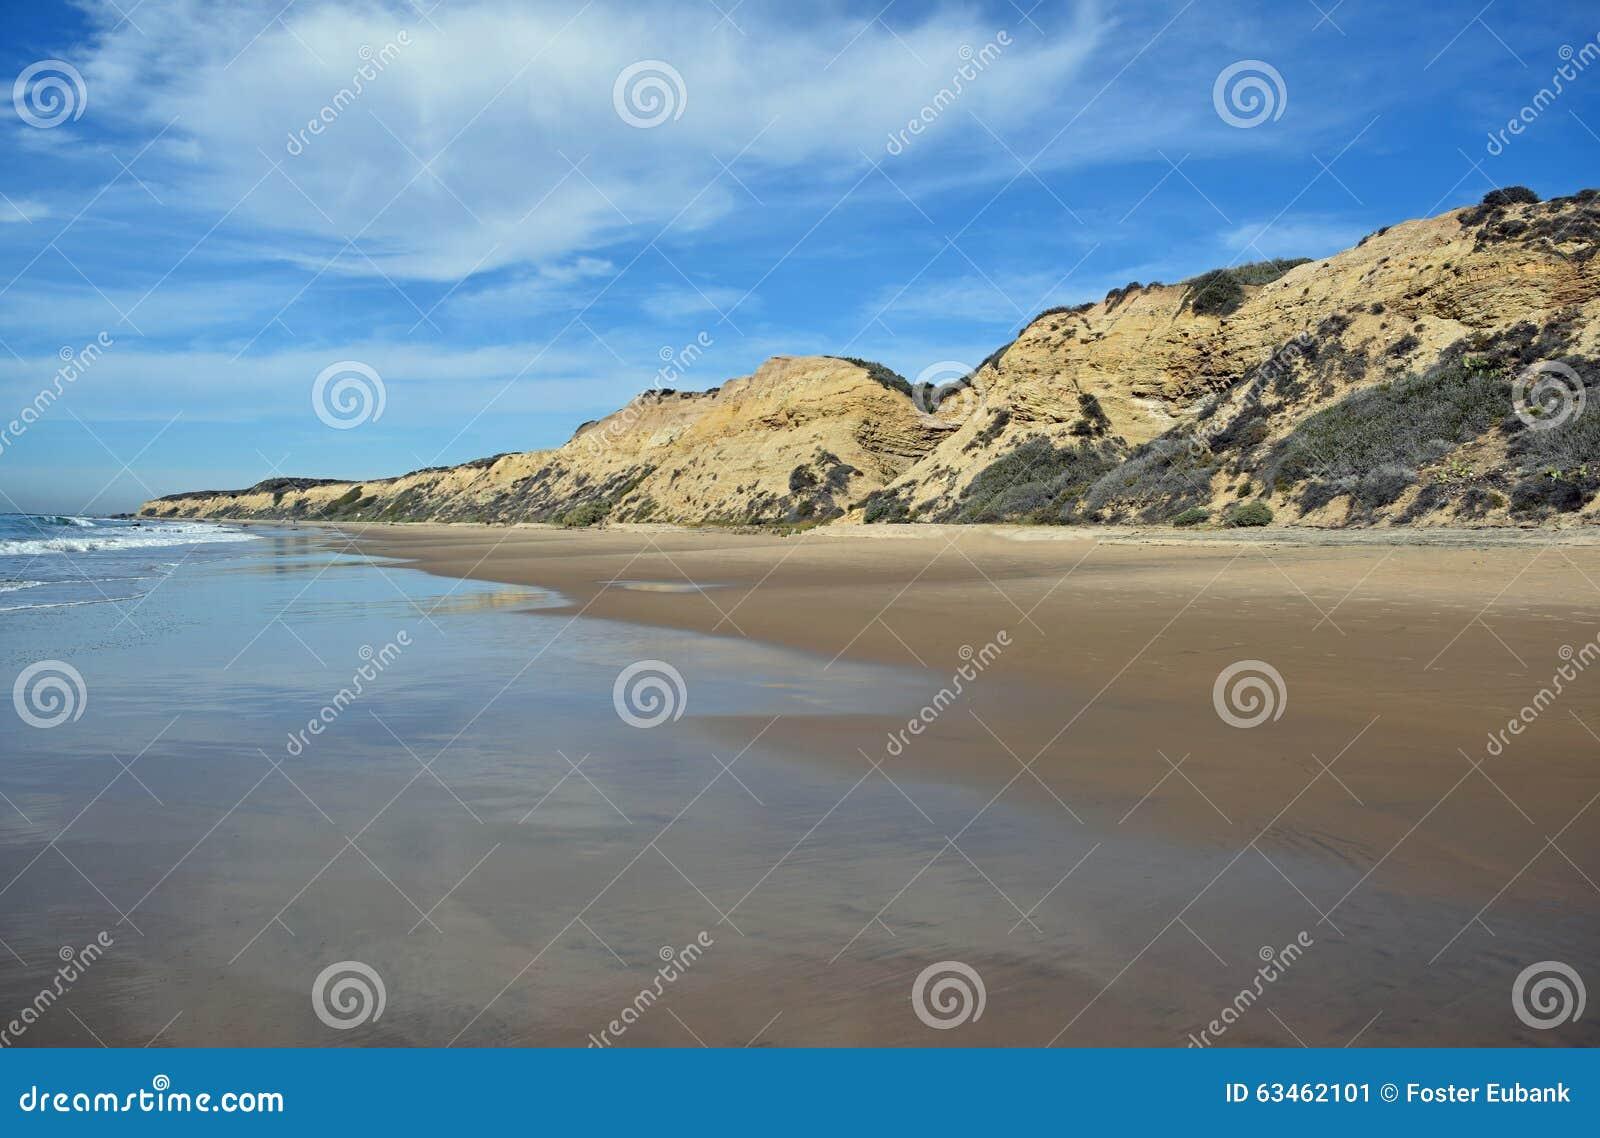 Ακτή στο κρατικό πάρκο όρμων κρυστάλλου, νότια Καλιφόρνια